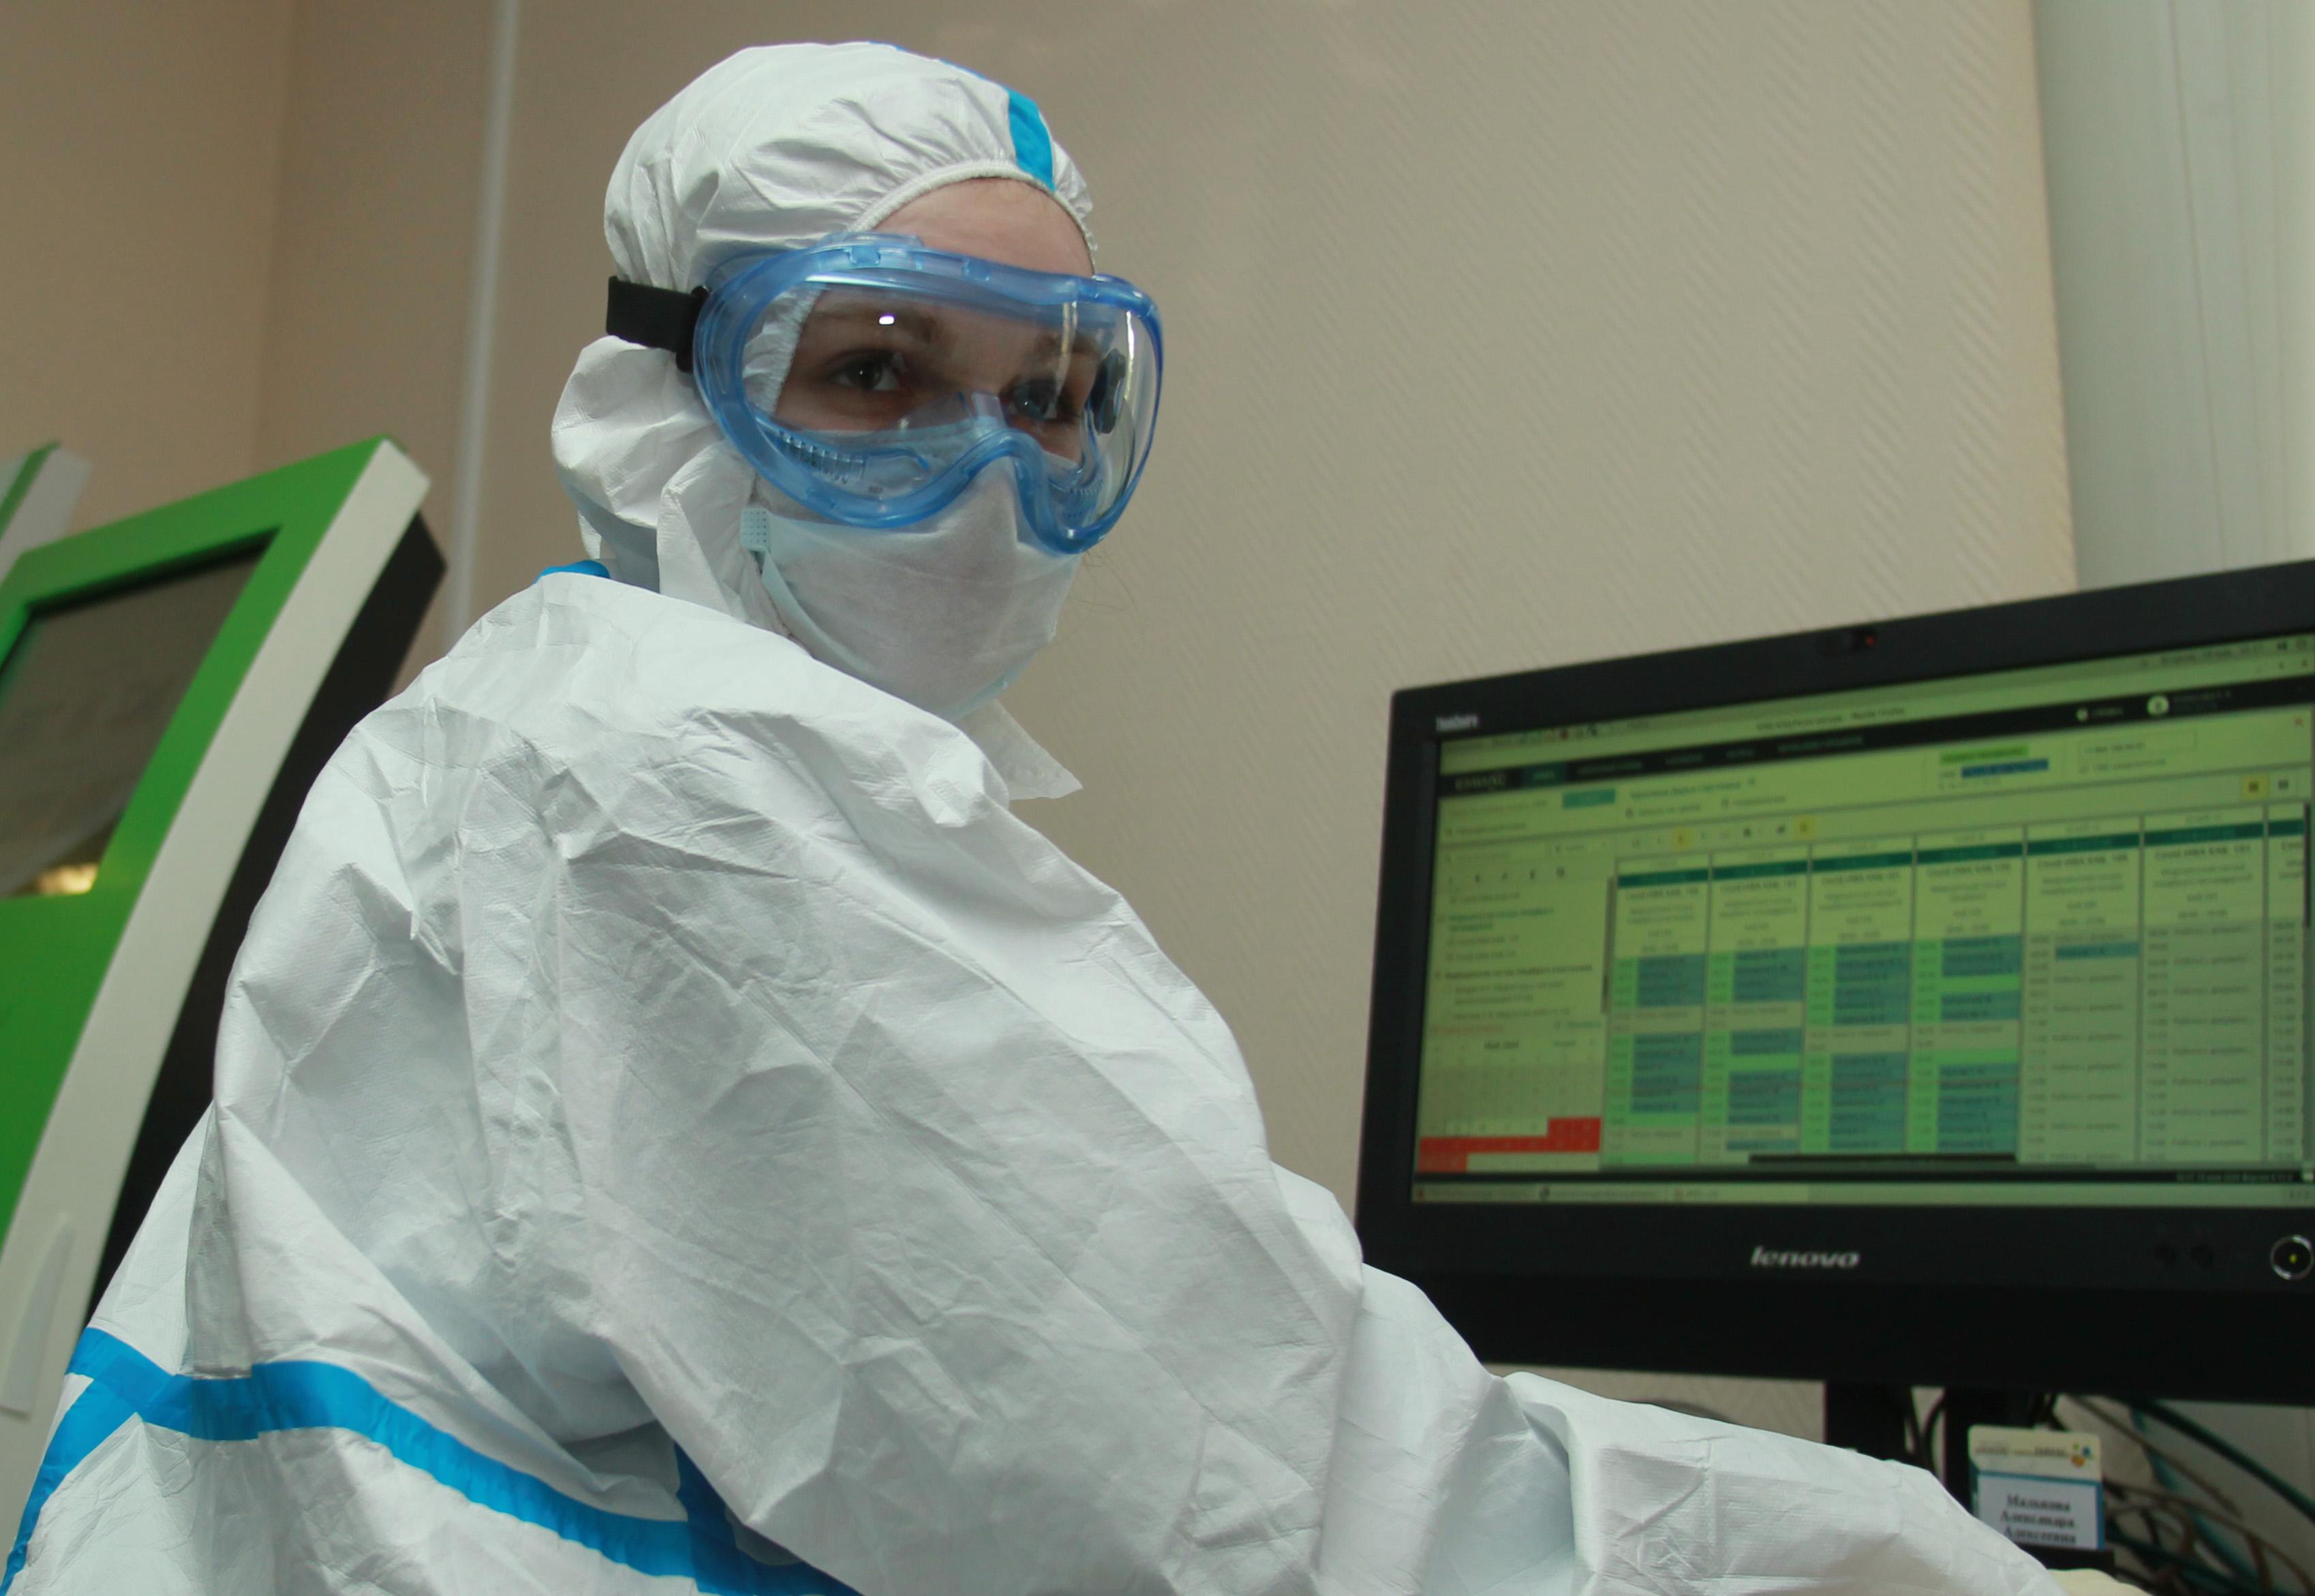 ВОЗ: Число случаев заражения COVID-19 увеличилось за сутки более чем на 747 тысяч. Фото: Наталия Нечаева, «Вечерняя Москва»